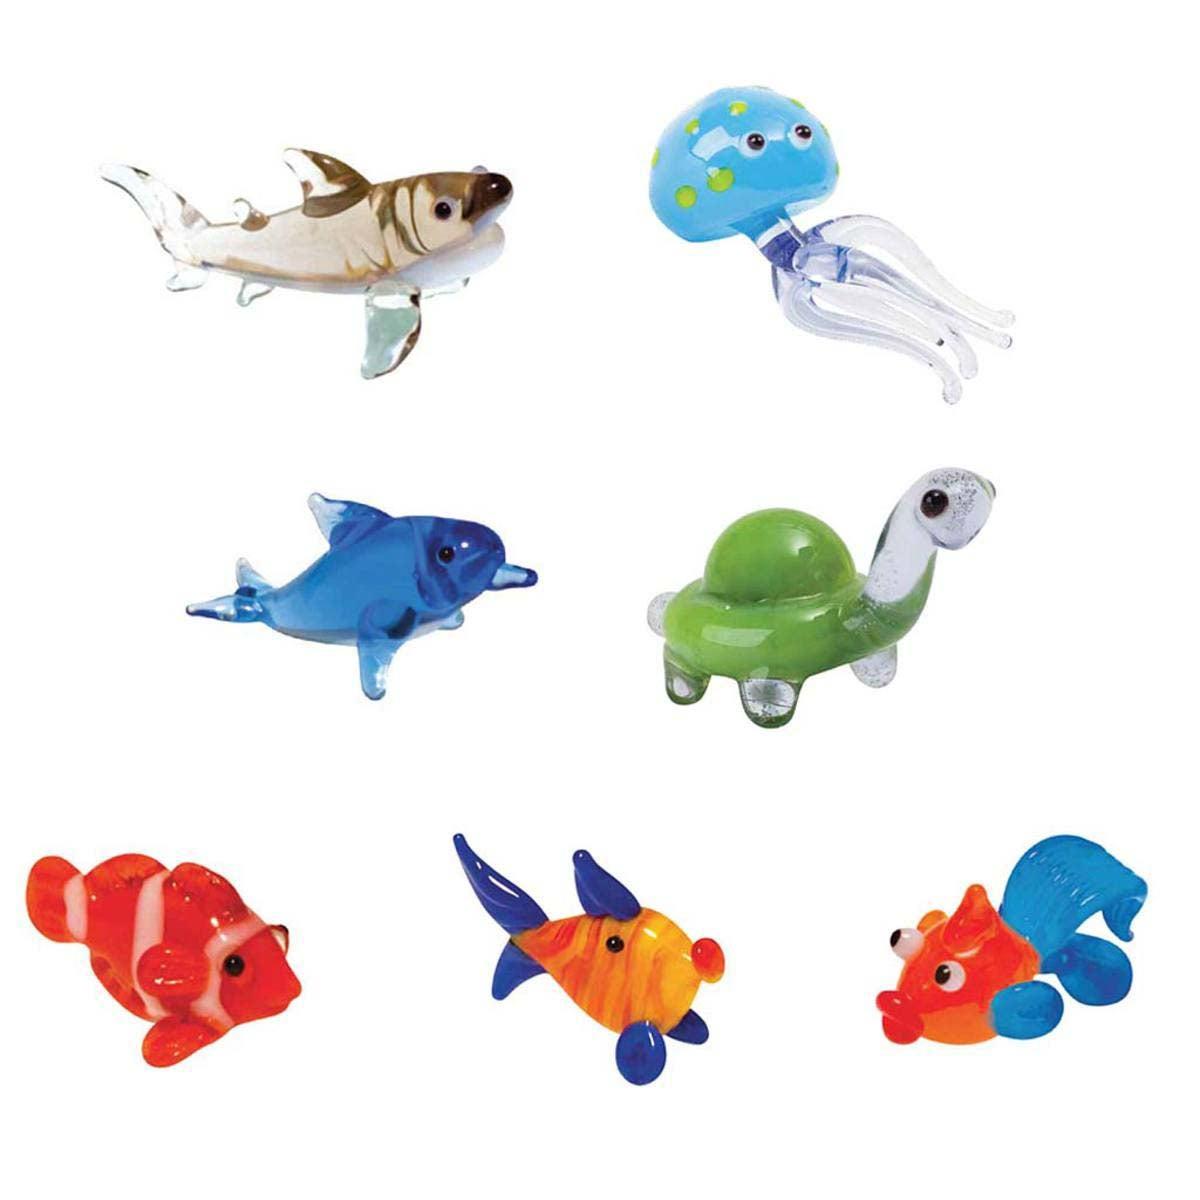 Tynies® Handmade Glass Pets: Ocean (set of 7)